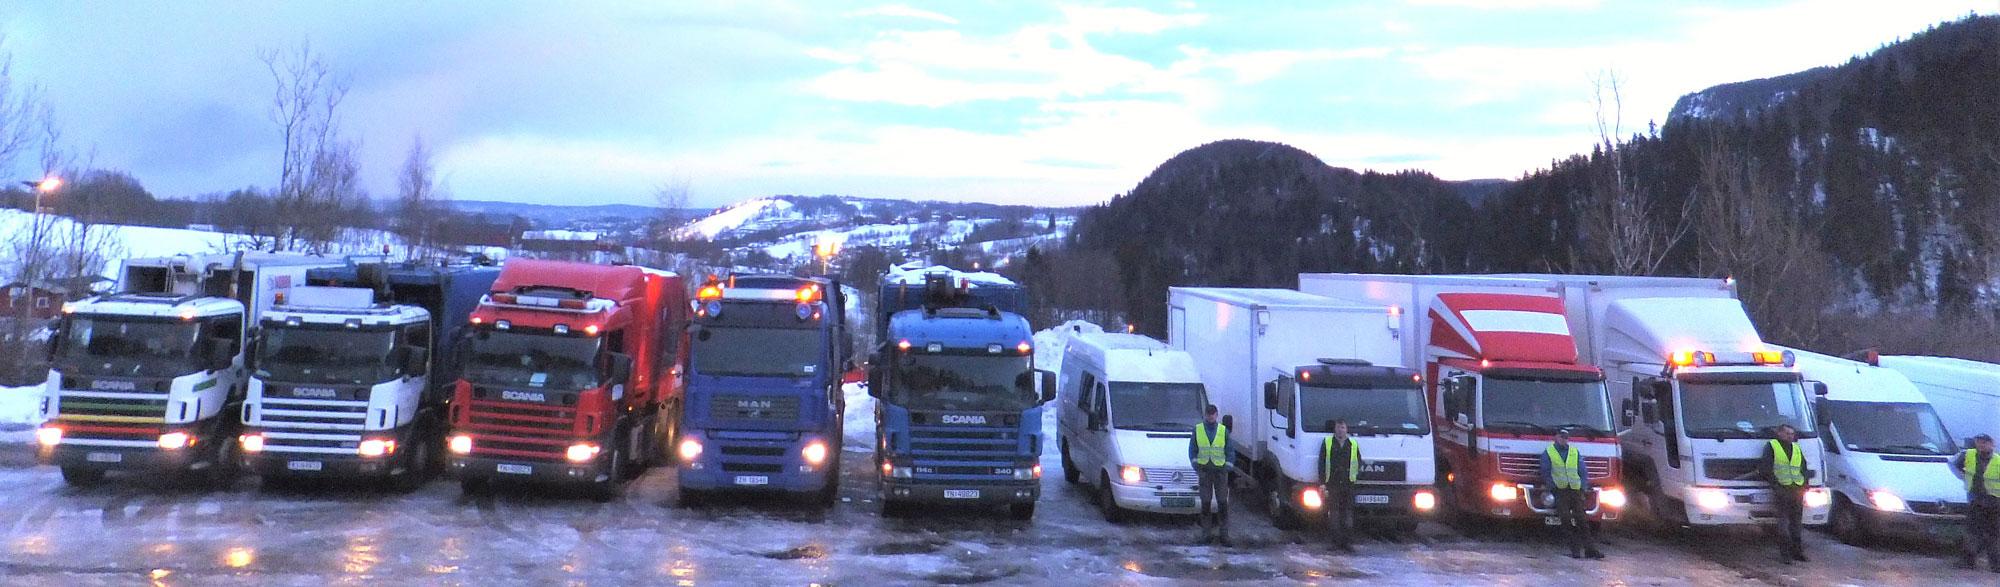 Her er noen av Renova sine biler og mannskaper, klare for avreise, tidlig en vintermorgen.